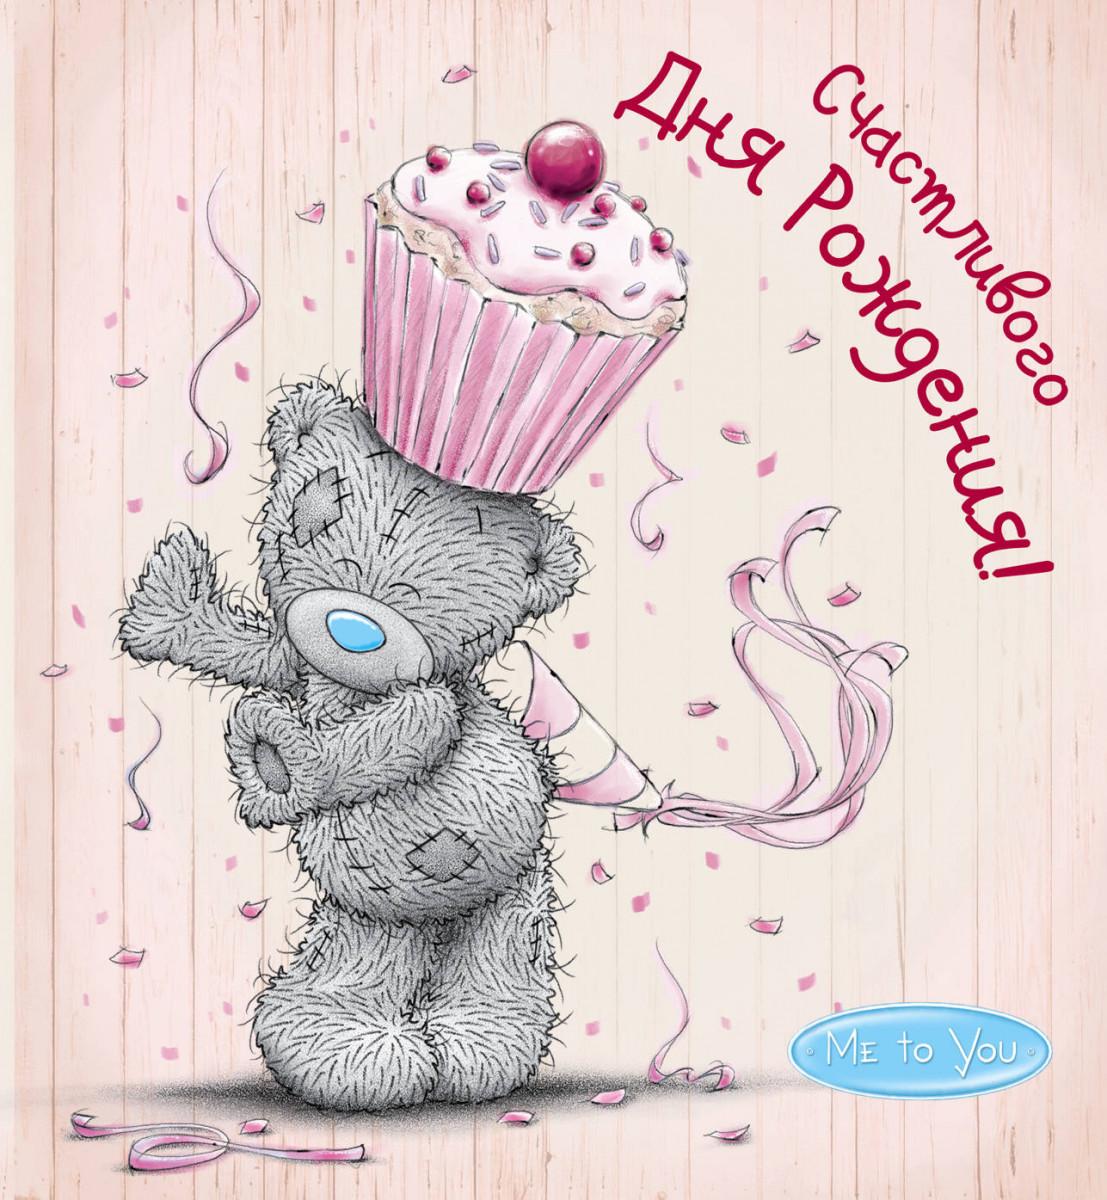 Поздравление в виде картинки на день рождения